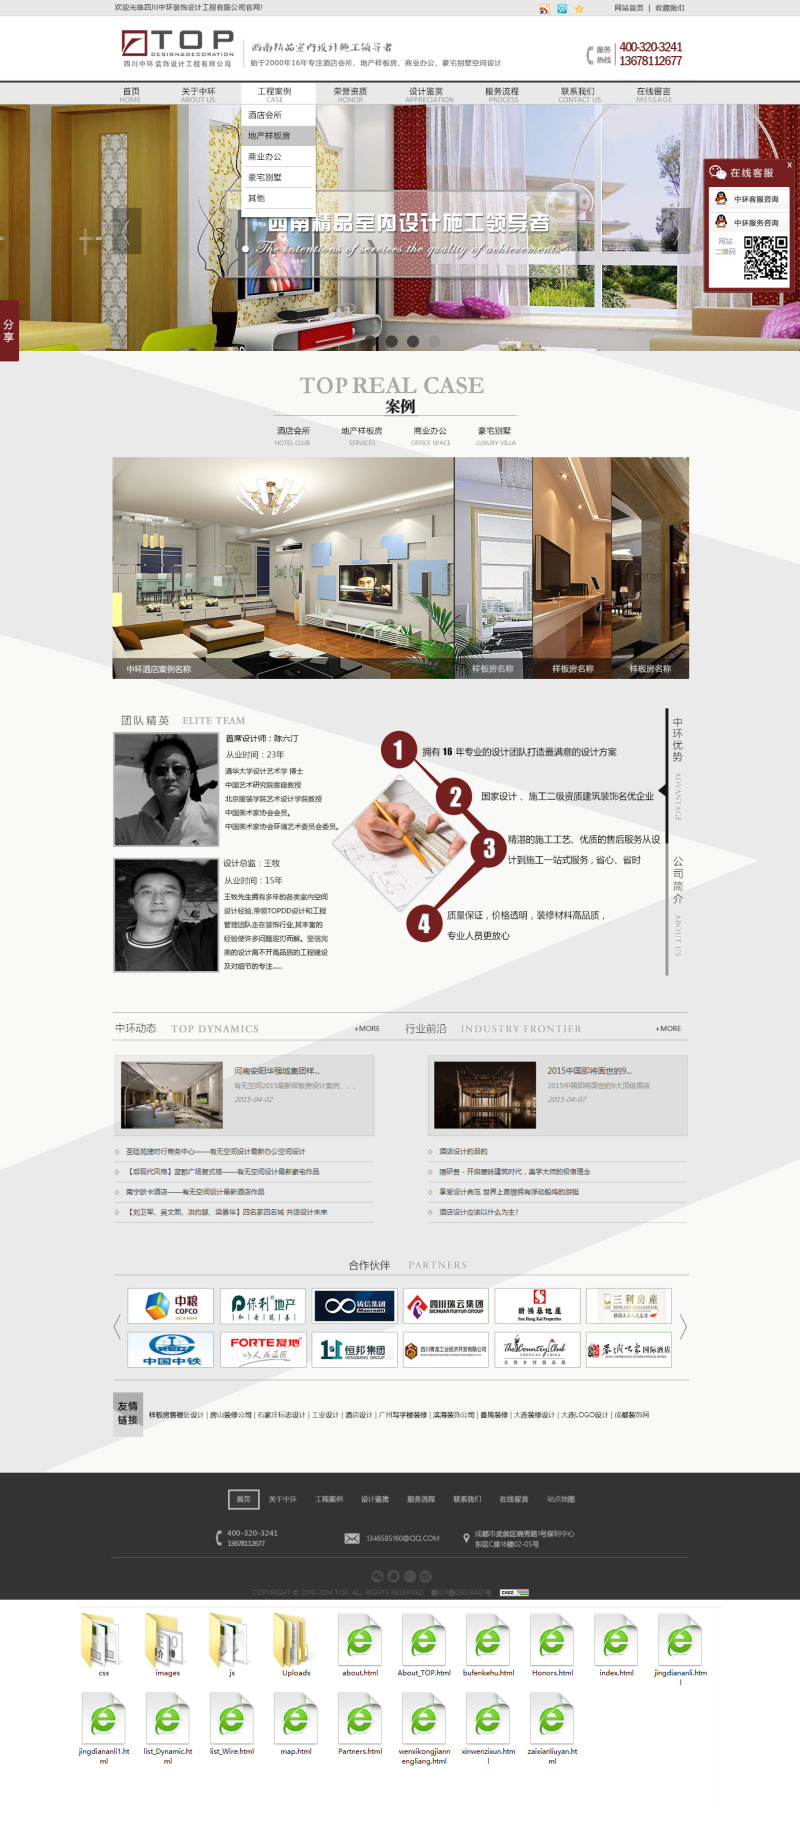 大气的室内装饰材料企业官网html模板源码